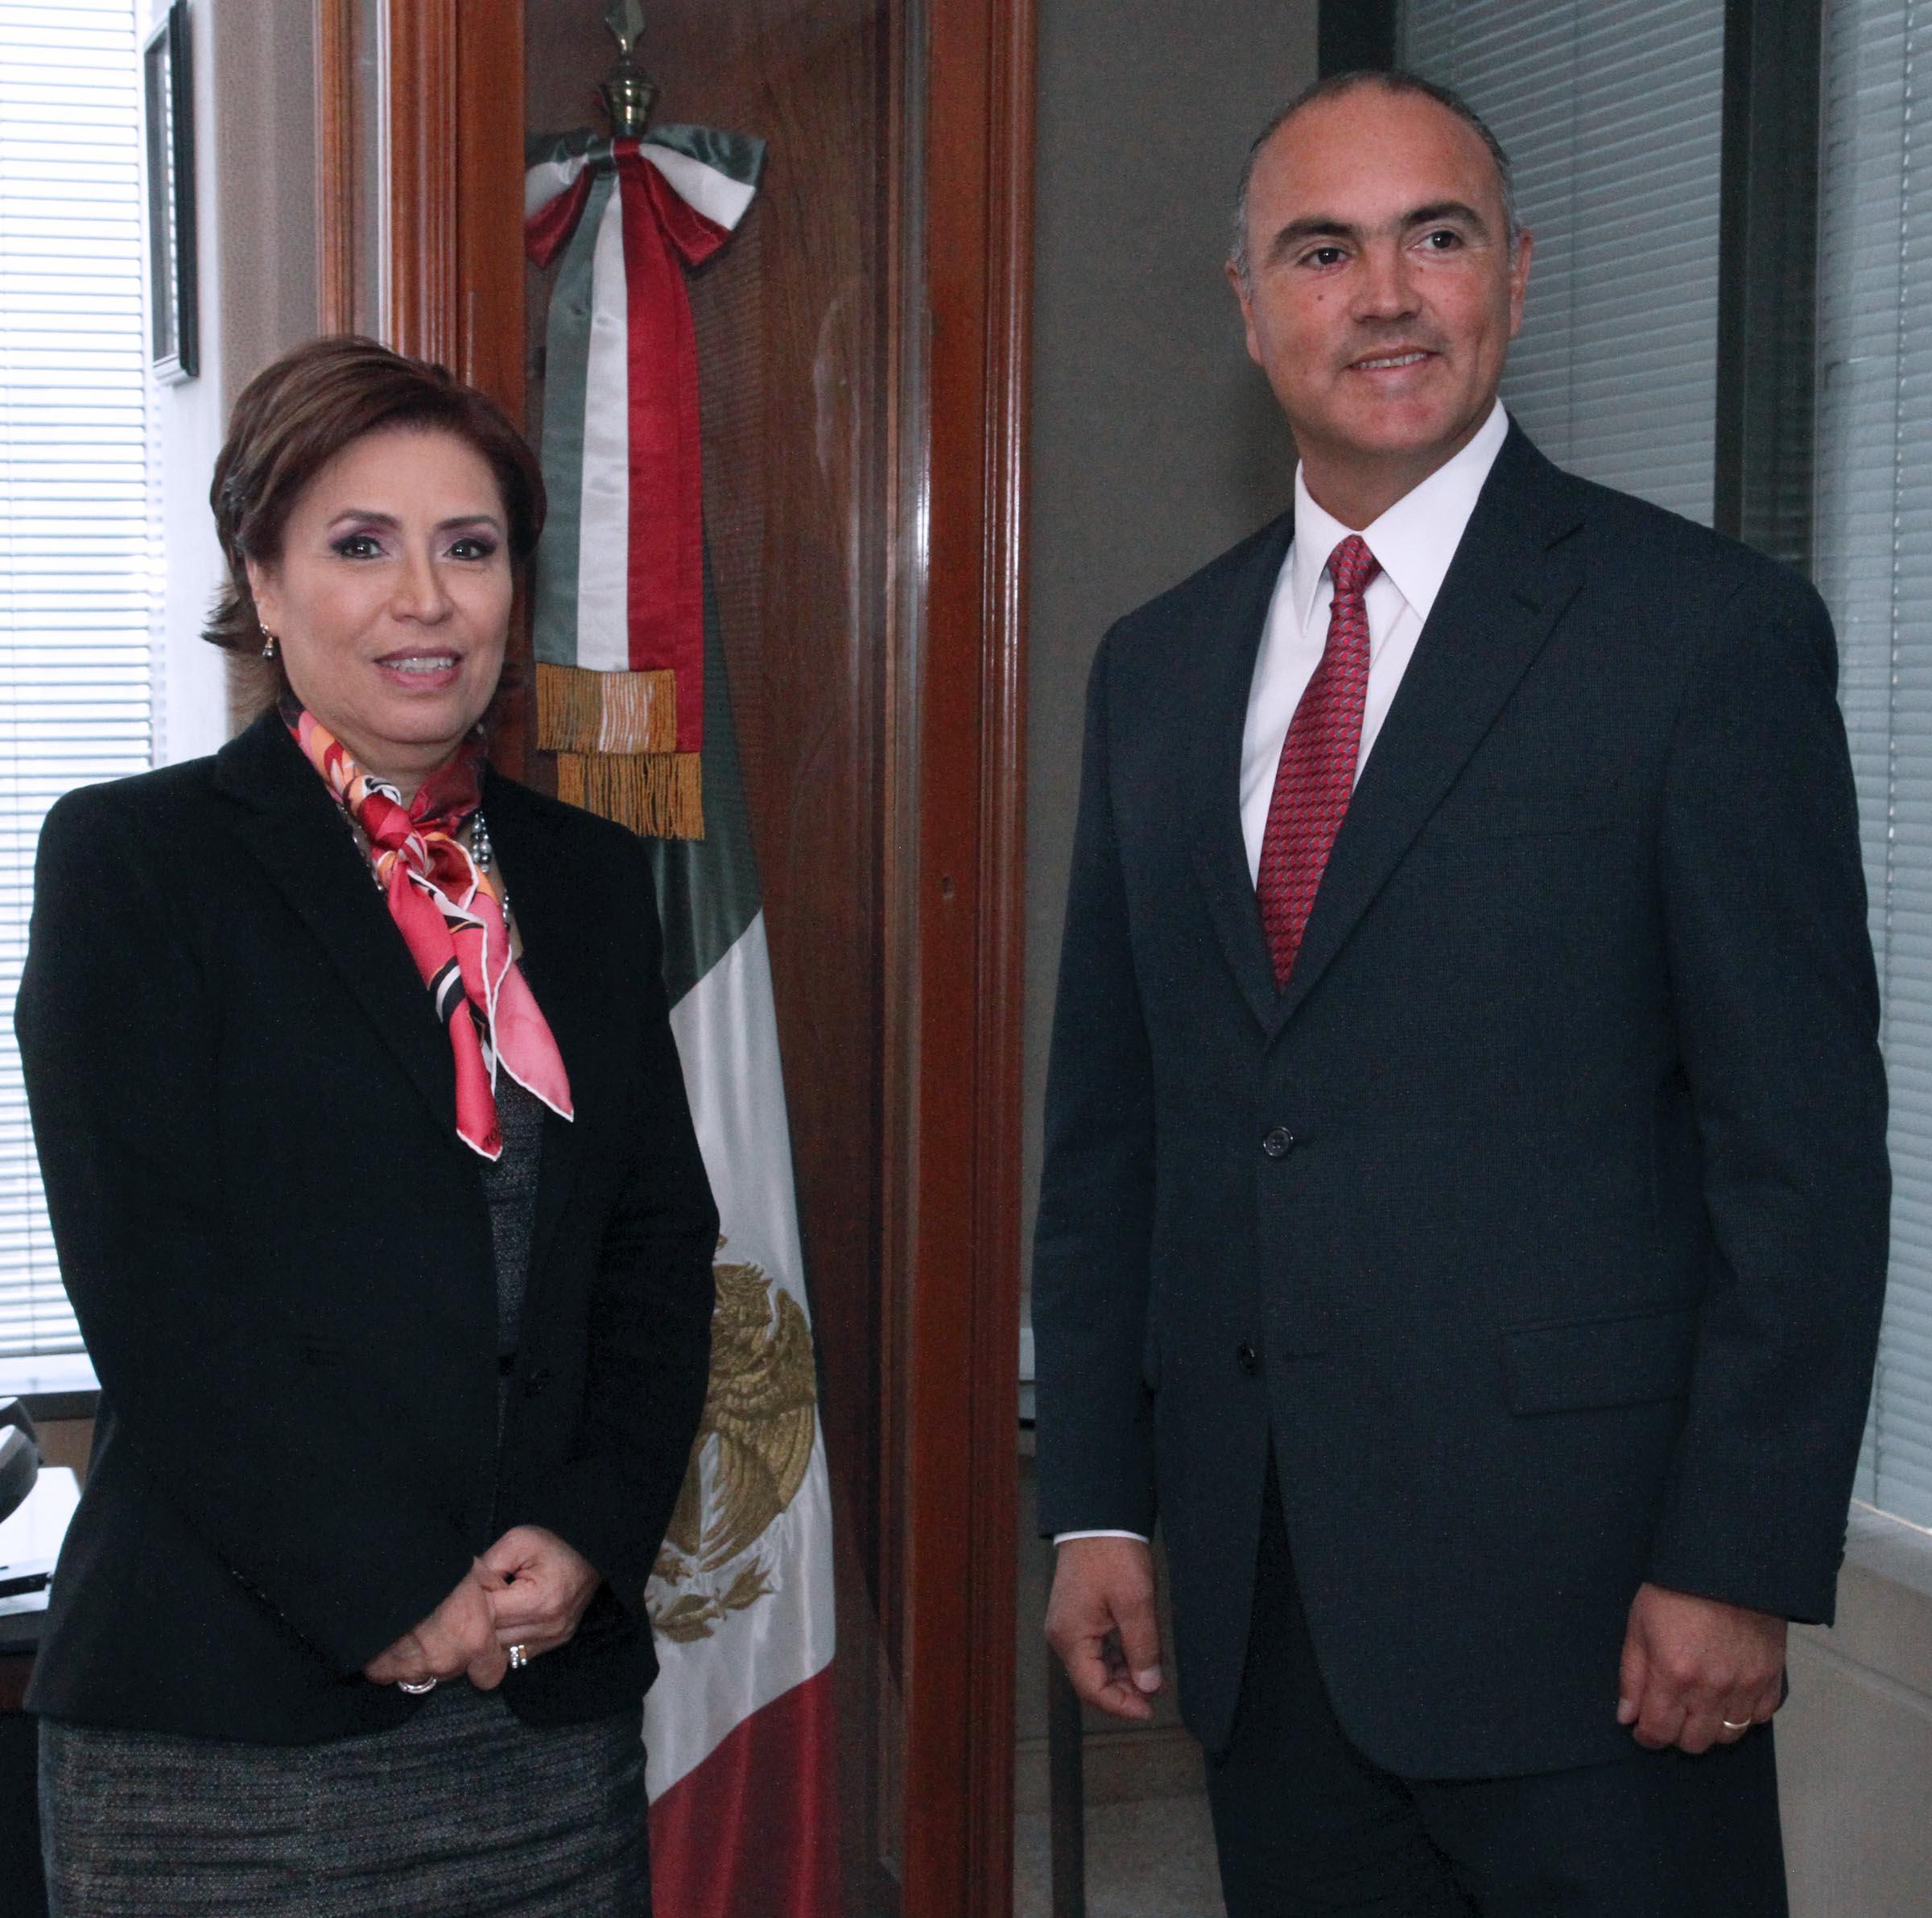 Quien Es Rosario Robles: Querétaro Se Integrará A La Cruzada Nacional Contra El